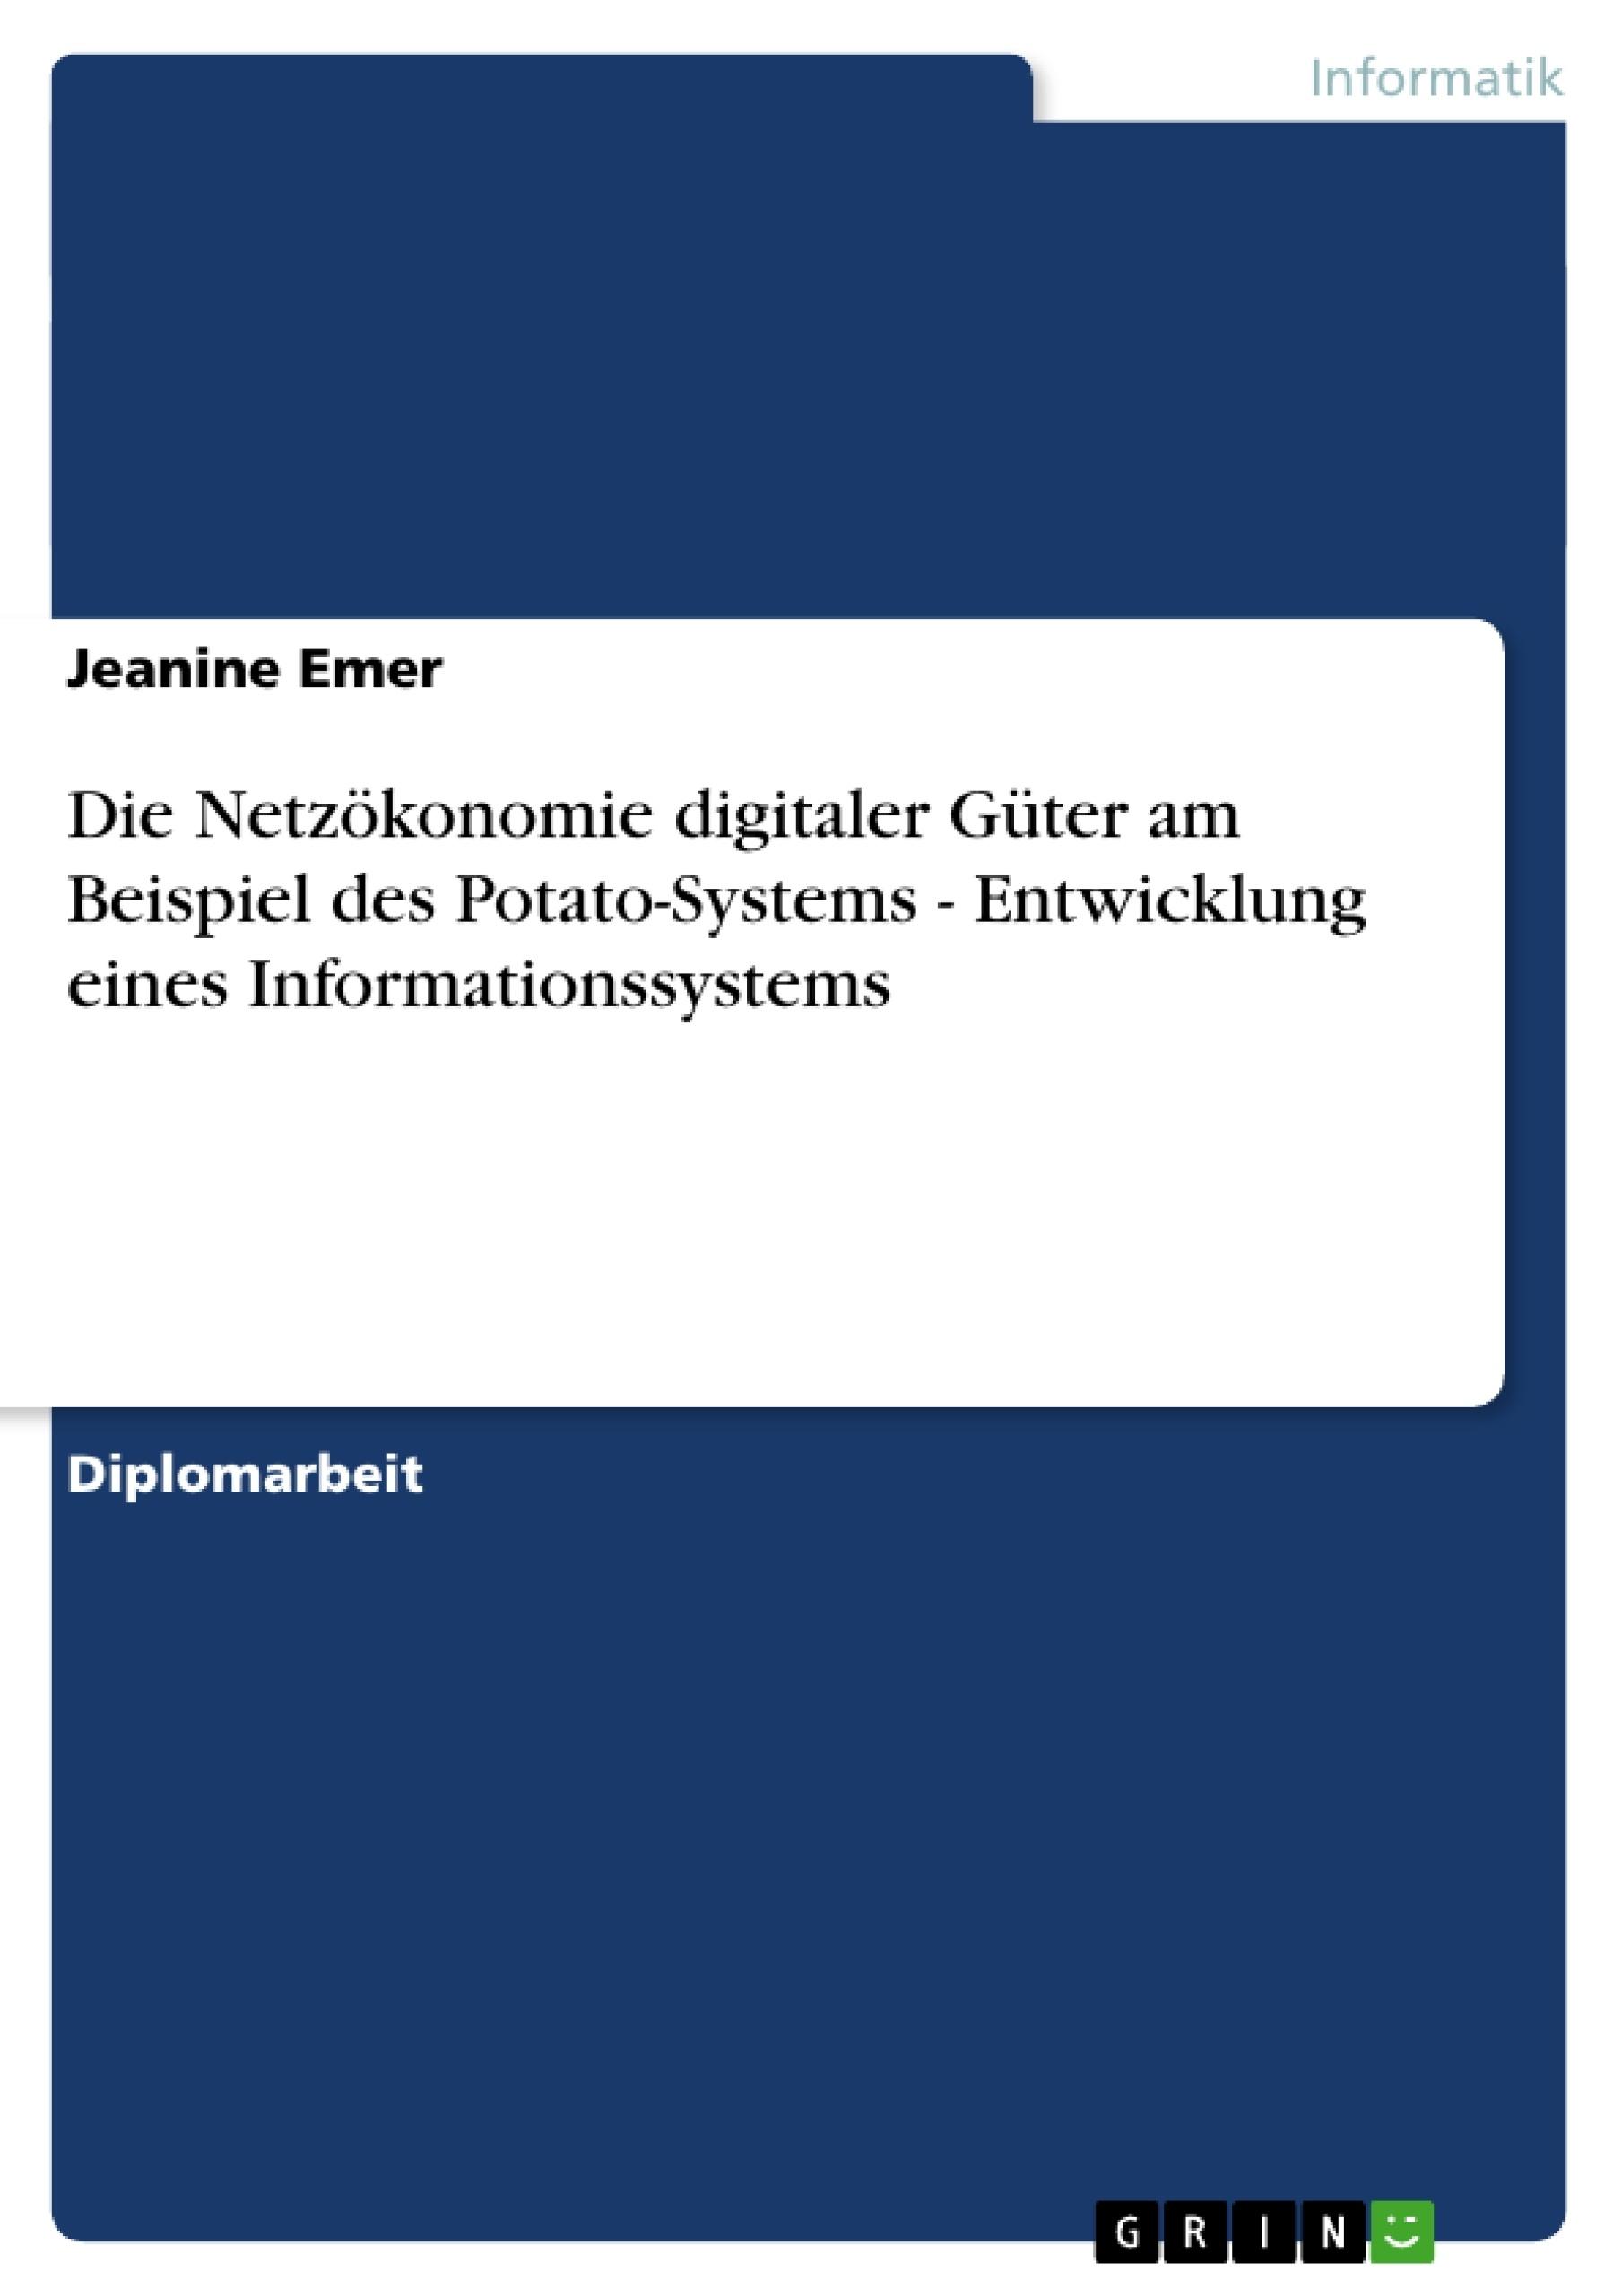 Titel: Die Netzökonomie digitaler Güter am Beispiel des Potato-Systems - Entwicklung eines Informationssystems